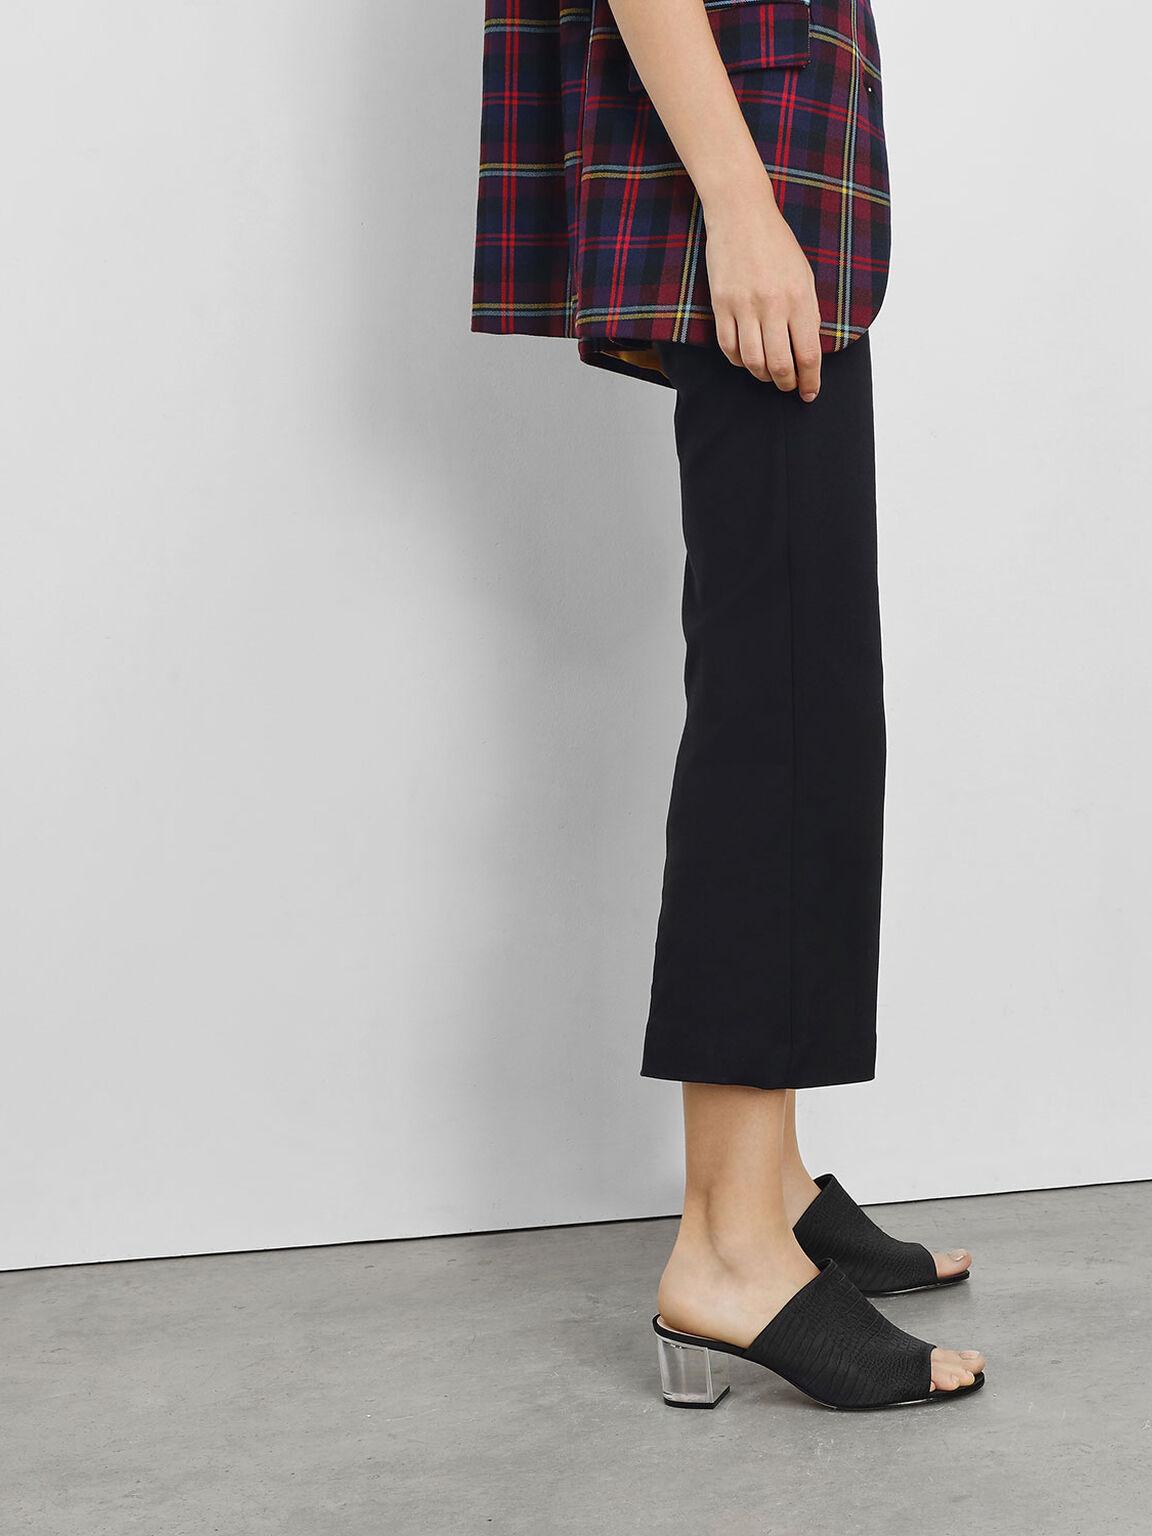 Embossed Fabric Heeled Slide Sandals, Black, hi-res